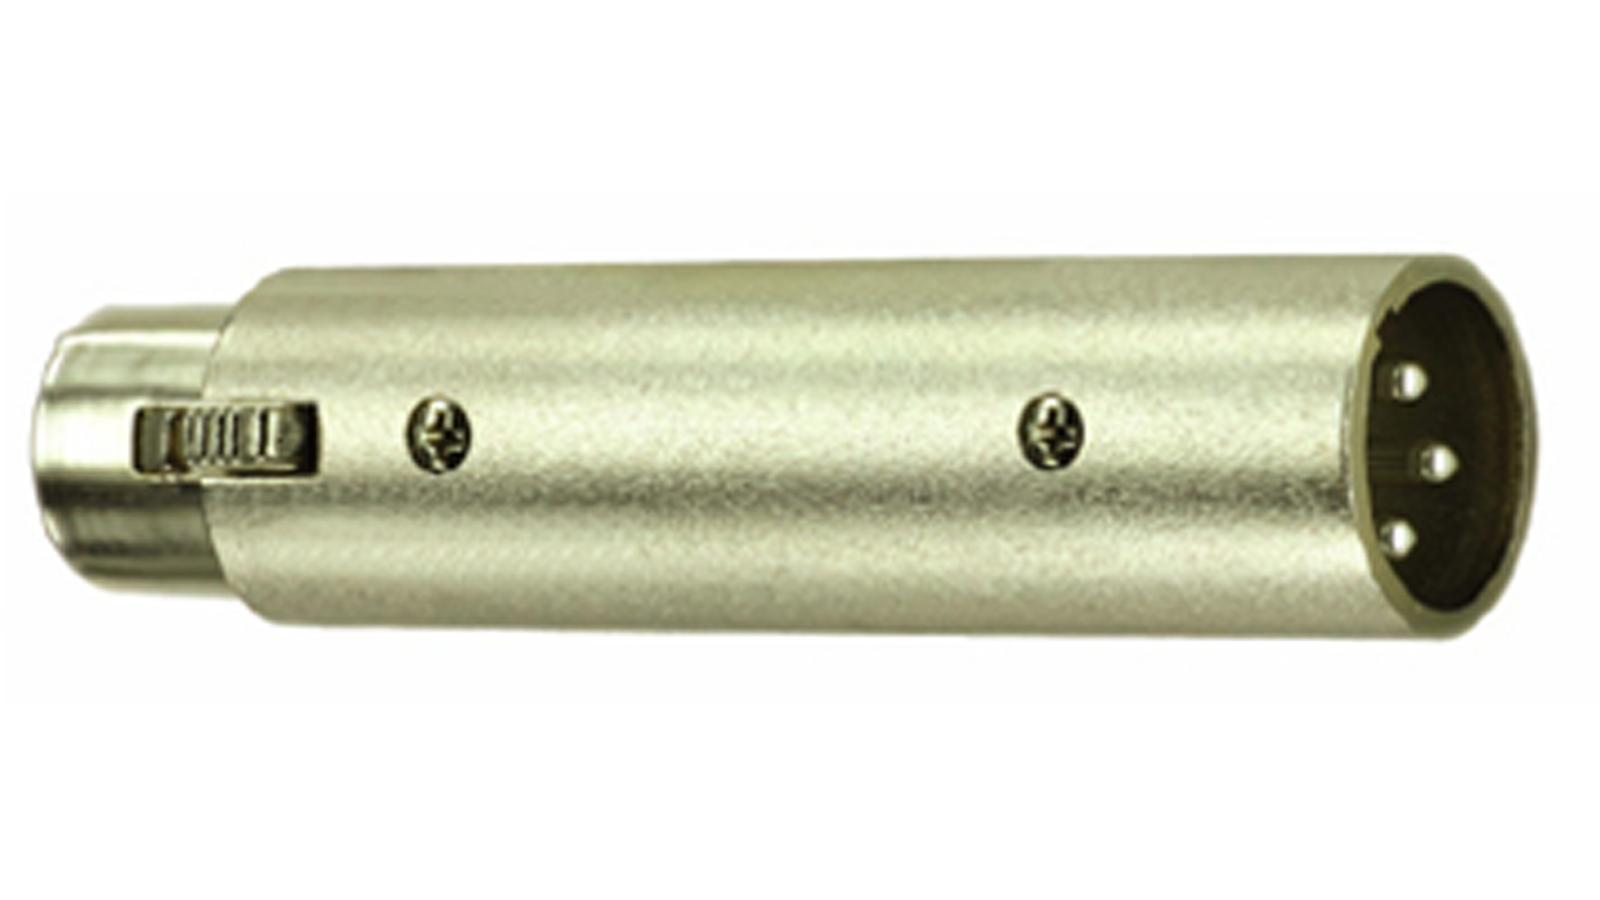 DREITEC Adapter XLR  Phasendreher 1622